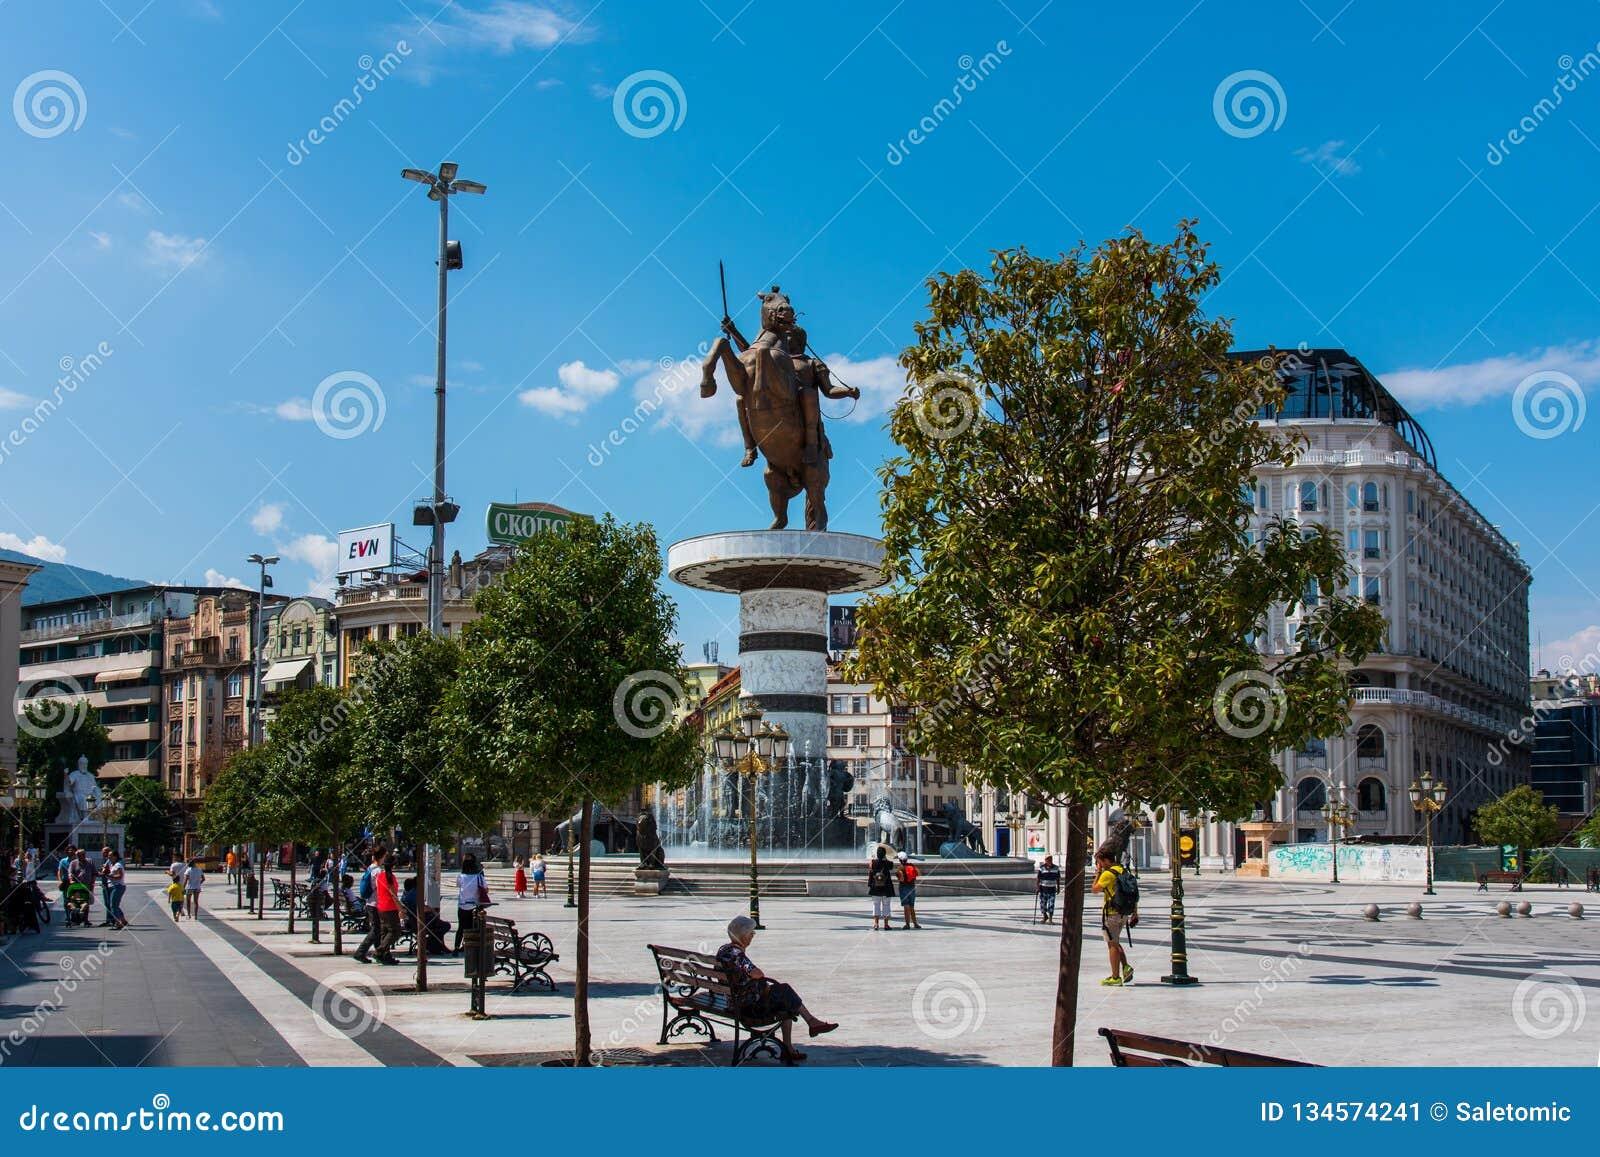 Skopje, Mazedonien - 26. August 2017: Hauptplatz in Skopje, Hauptstadt von Mazedonien mit Alexander das große Monument